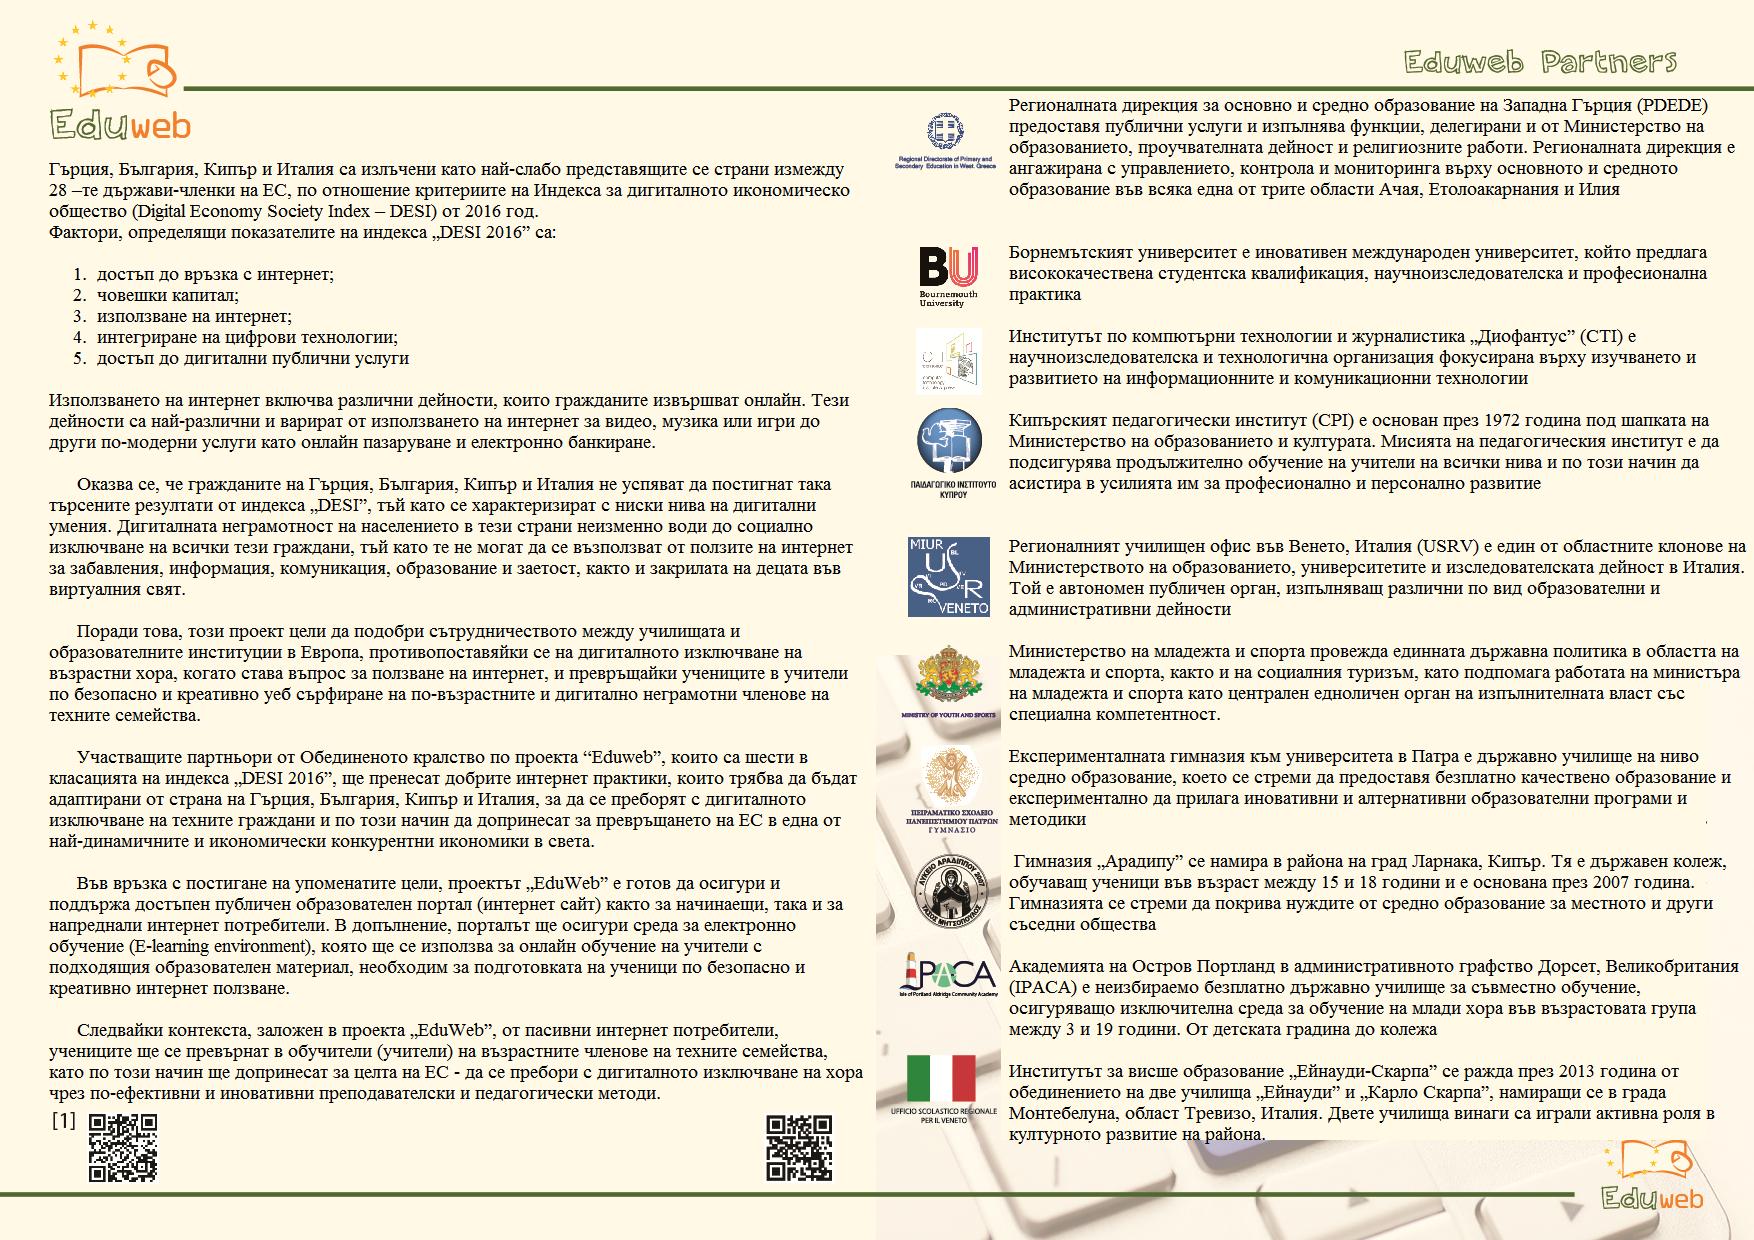 eduweb_leaflet-02.png